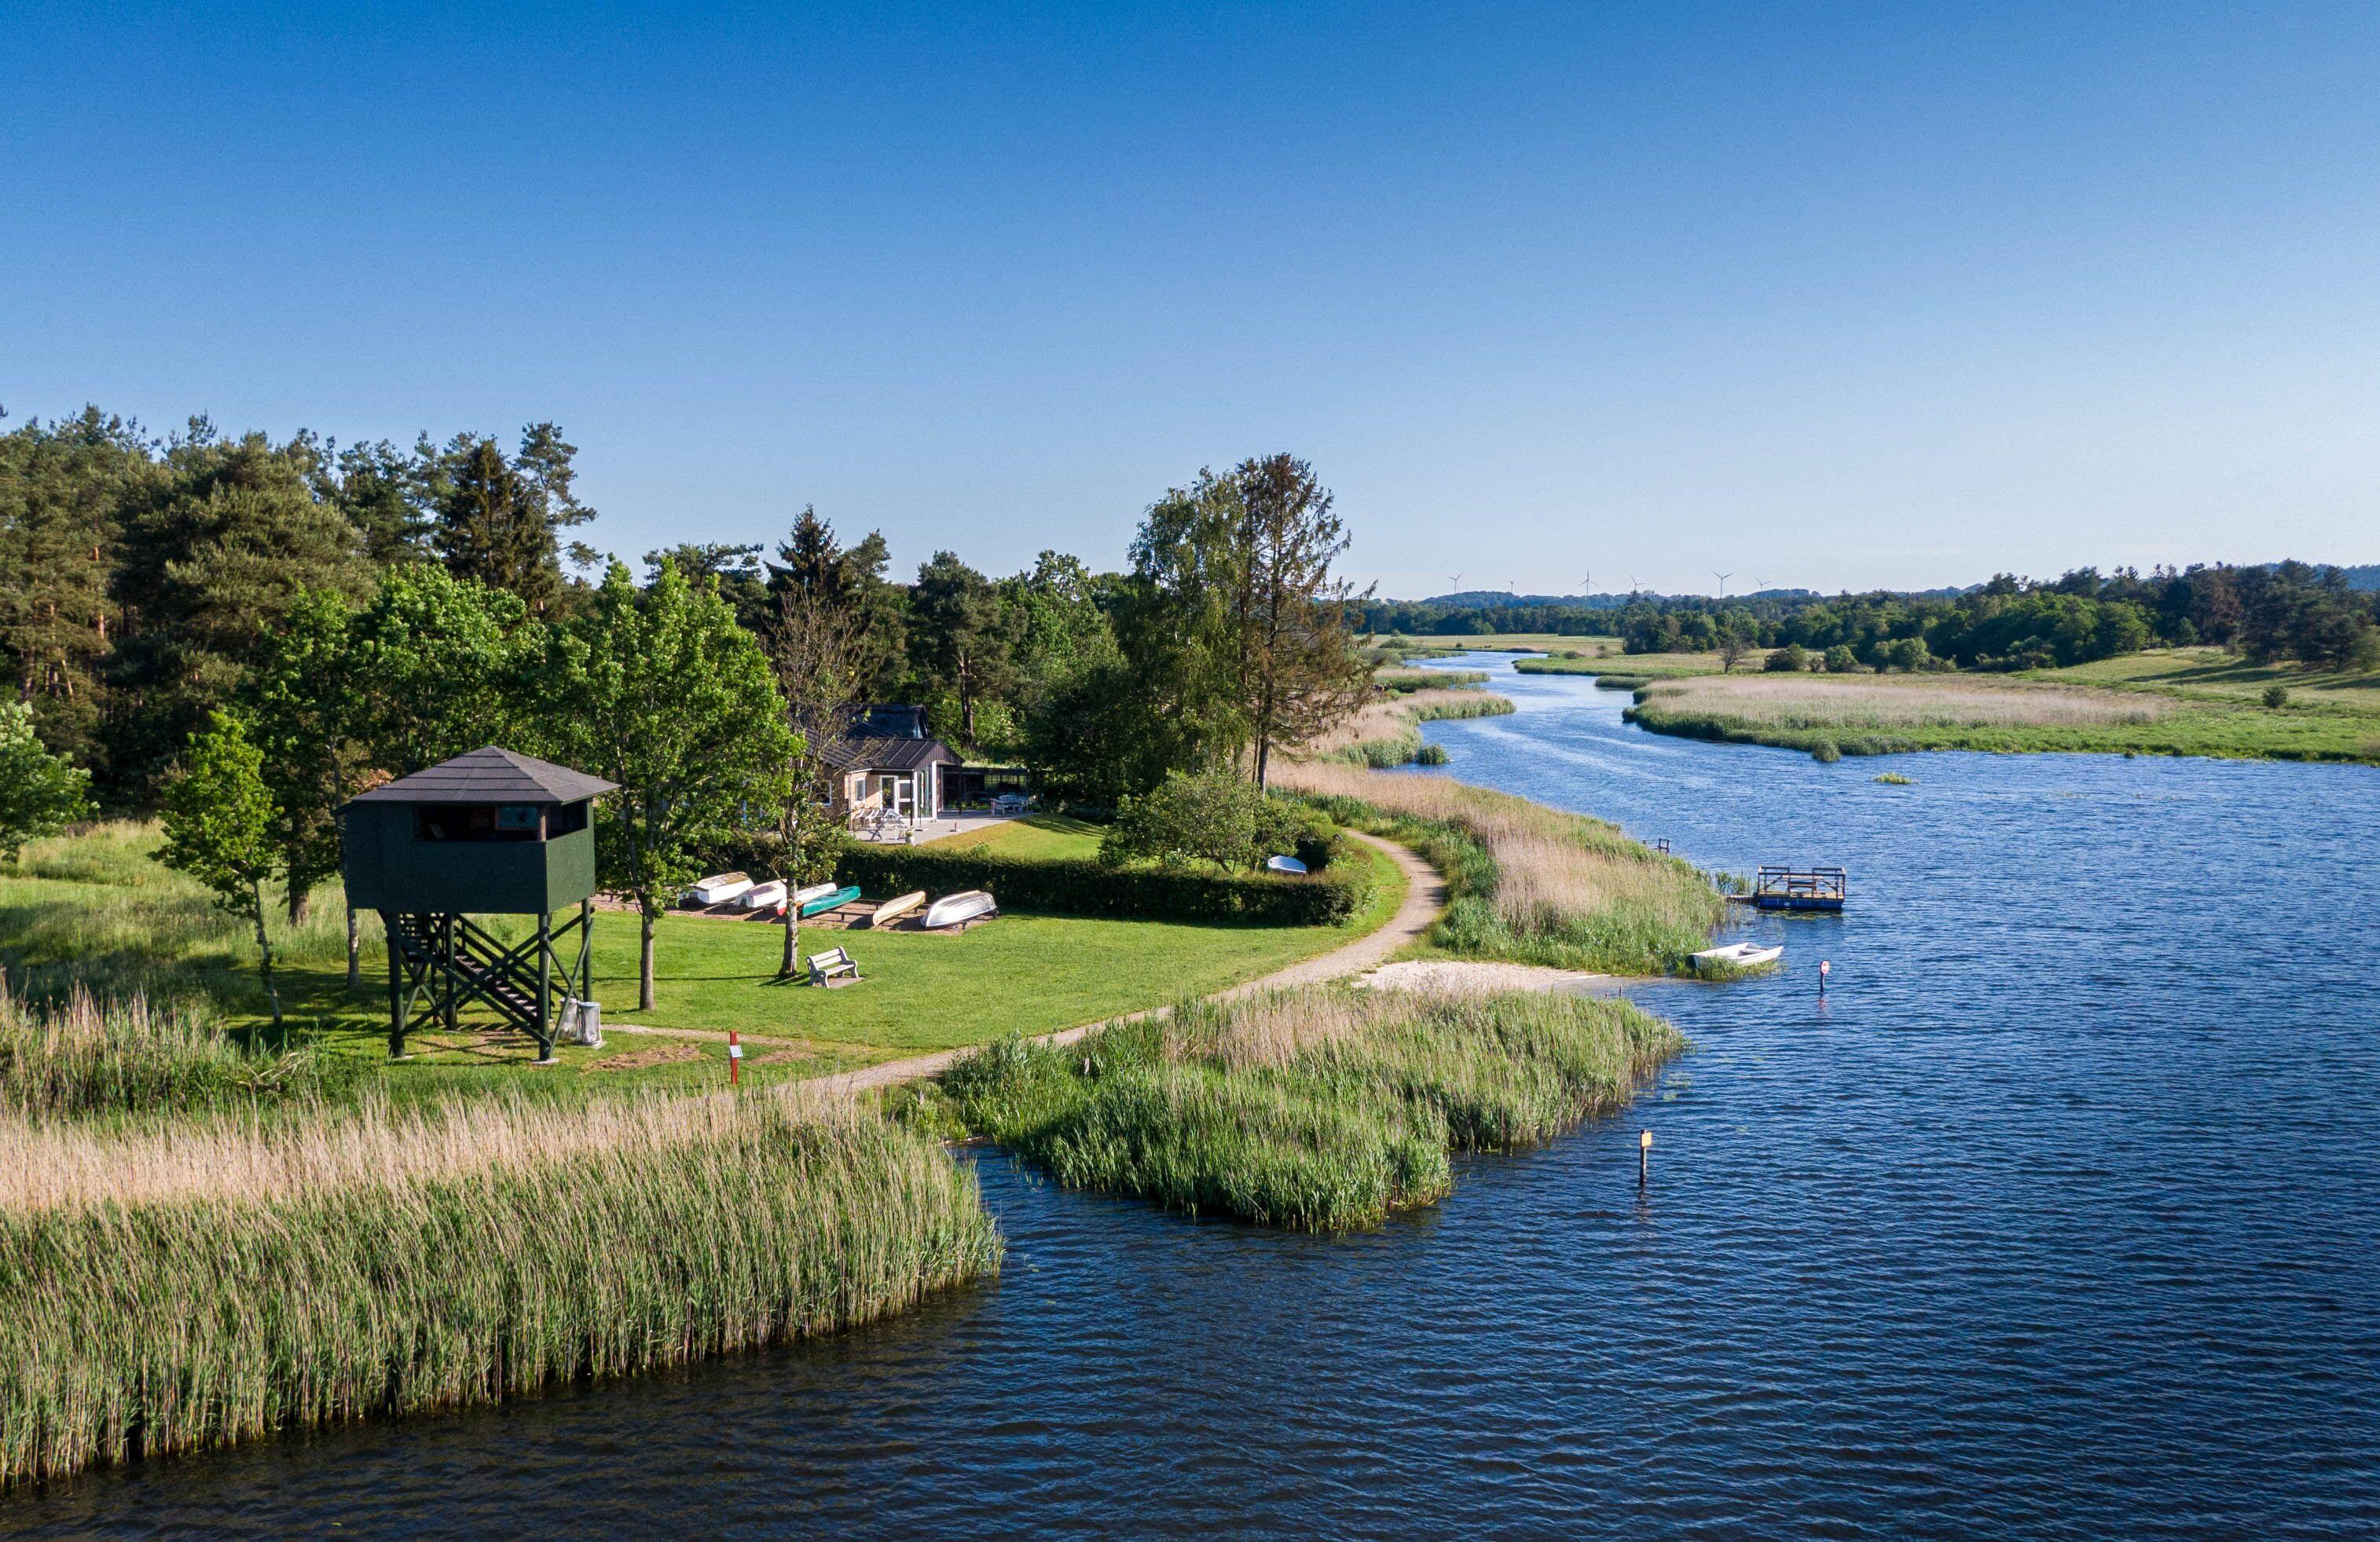 Forslag Til Ture Pa Traekstien Silkeborg Kommune